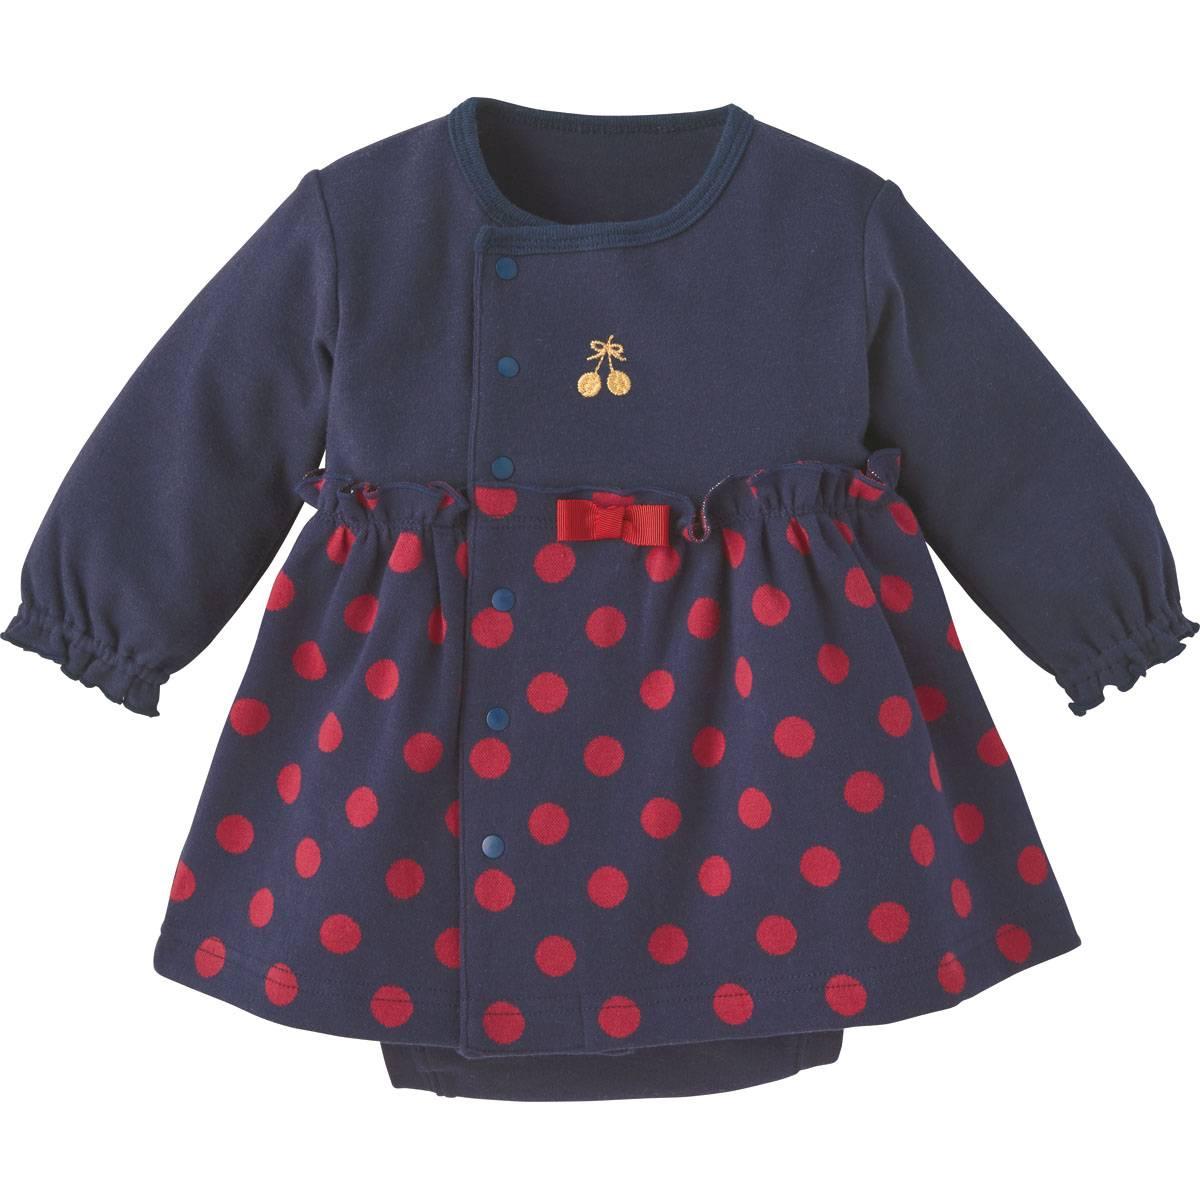 dd574a4fa4616 まだ生後3ヶ月くらいの赤ちゃんでもセパレートタイプのお洋服やワンピースを着てるみたいに見せれるこのへん。初女の子なので楽しんでほしい♥  ↓お洋服のリンク飛べ ...